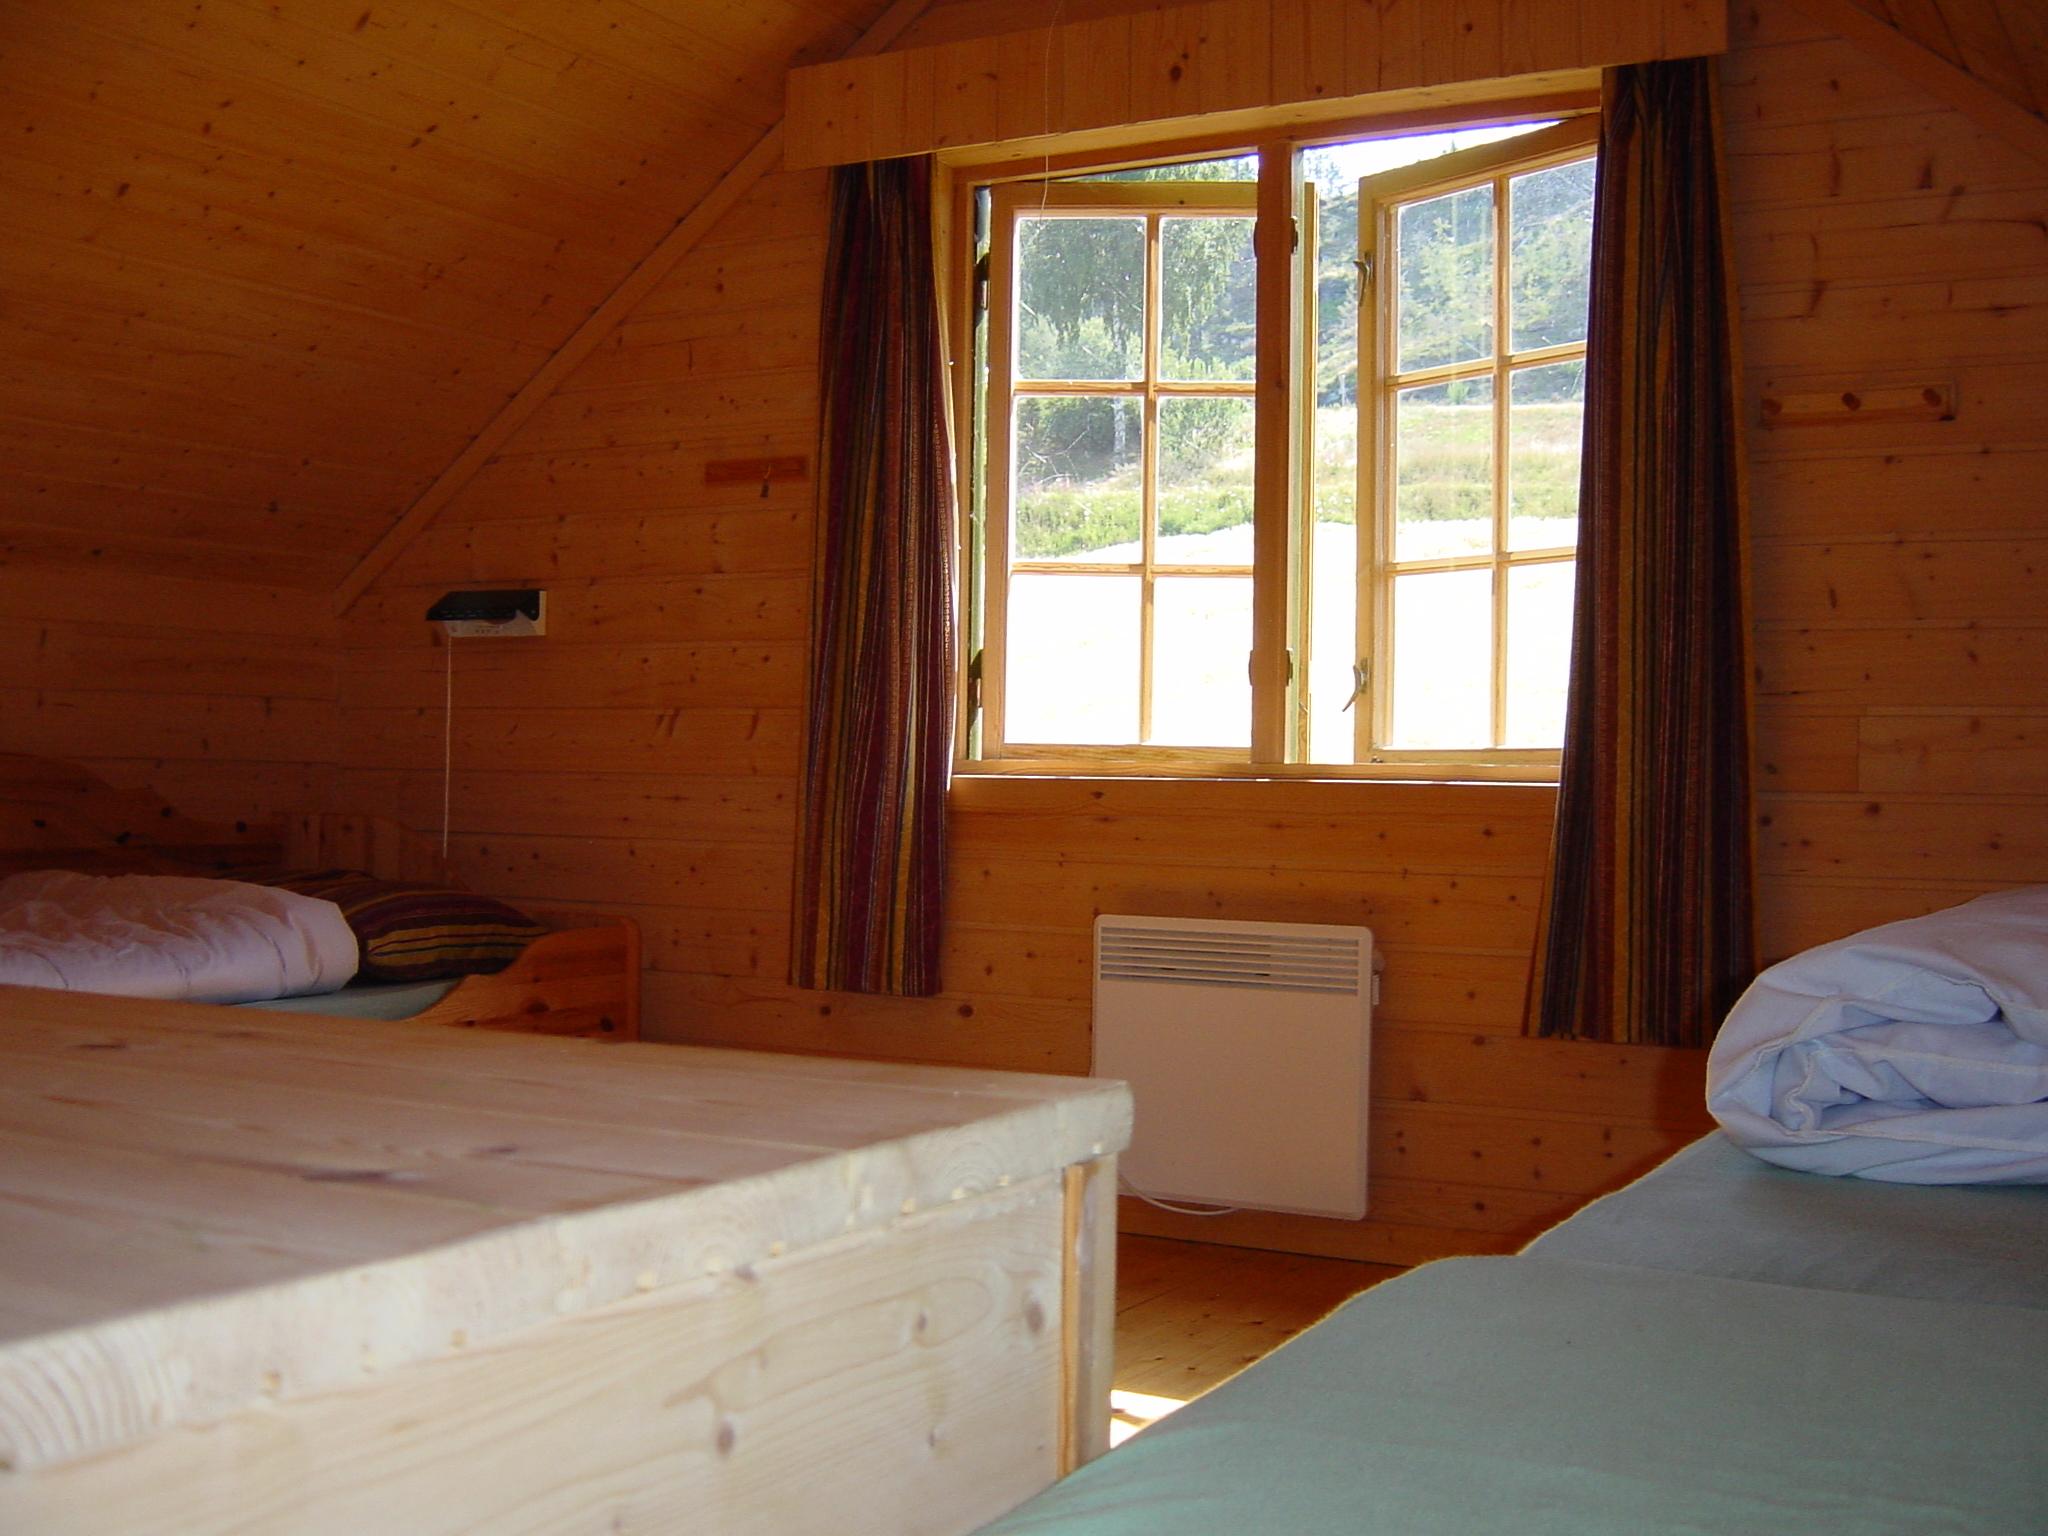 angelreisen nach mittelnorwegen region flatanger roan und hitra dintur angeln in norwegen. Black Bedroom Furniture Sets. Home Design Ideas